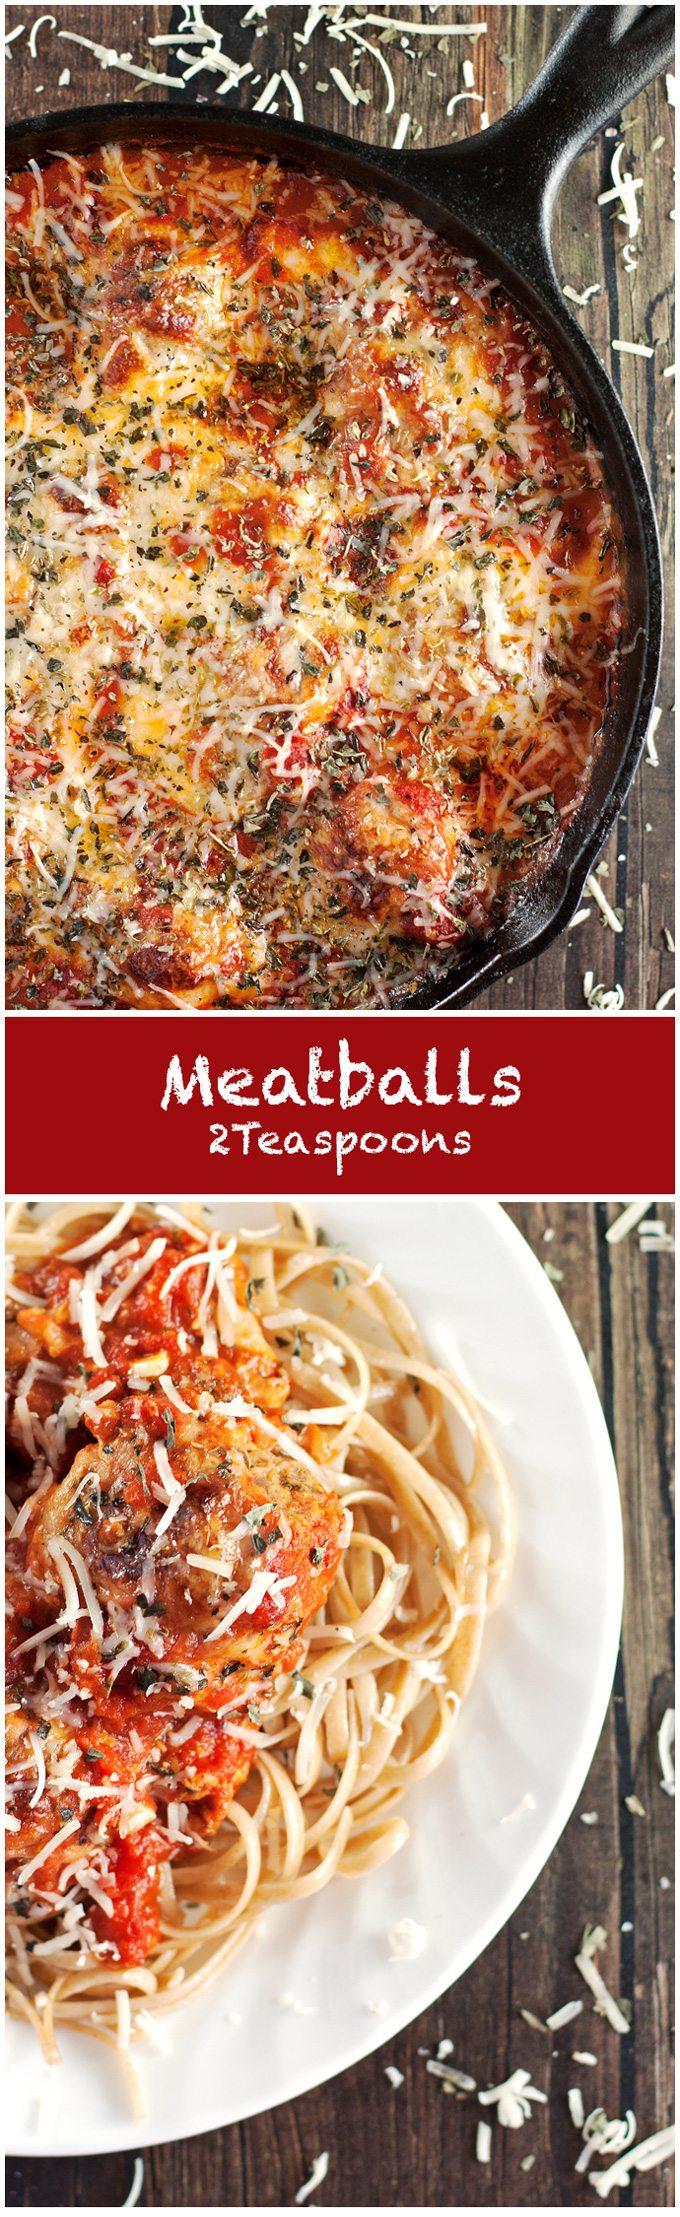 Meatballs - 2Teaspoons